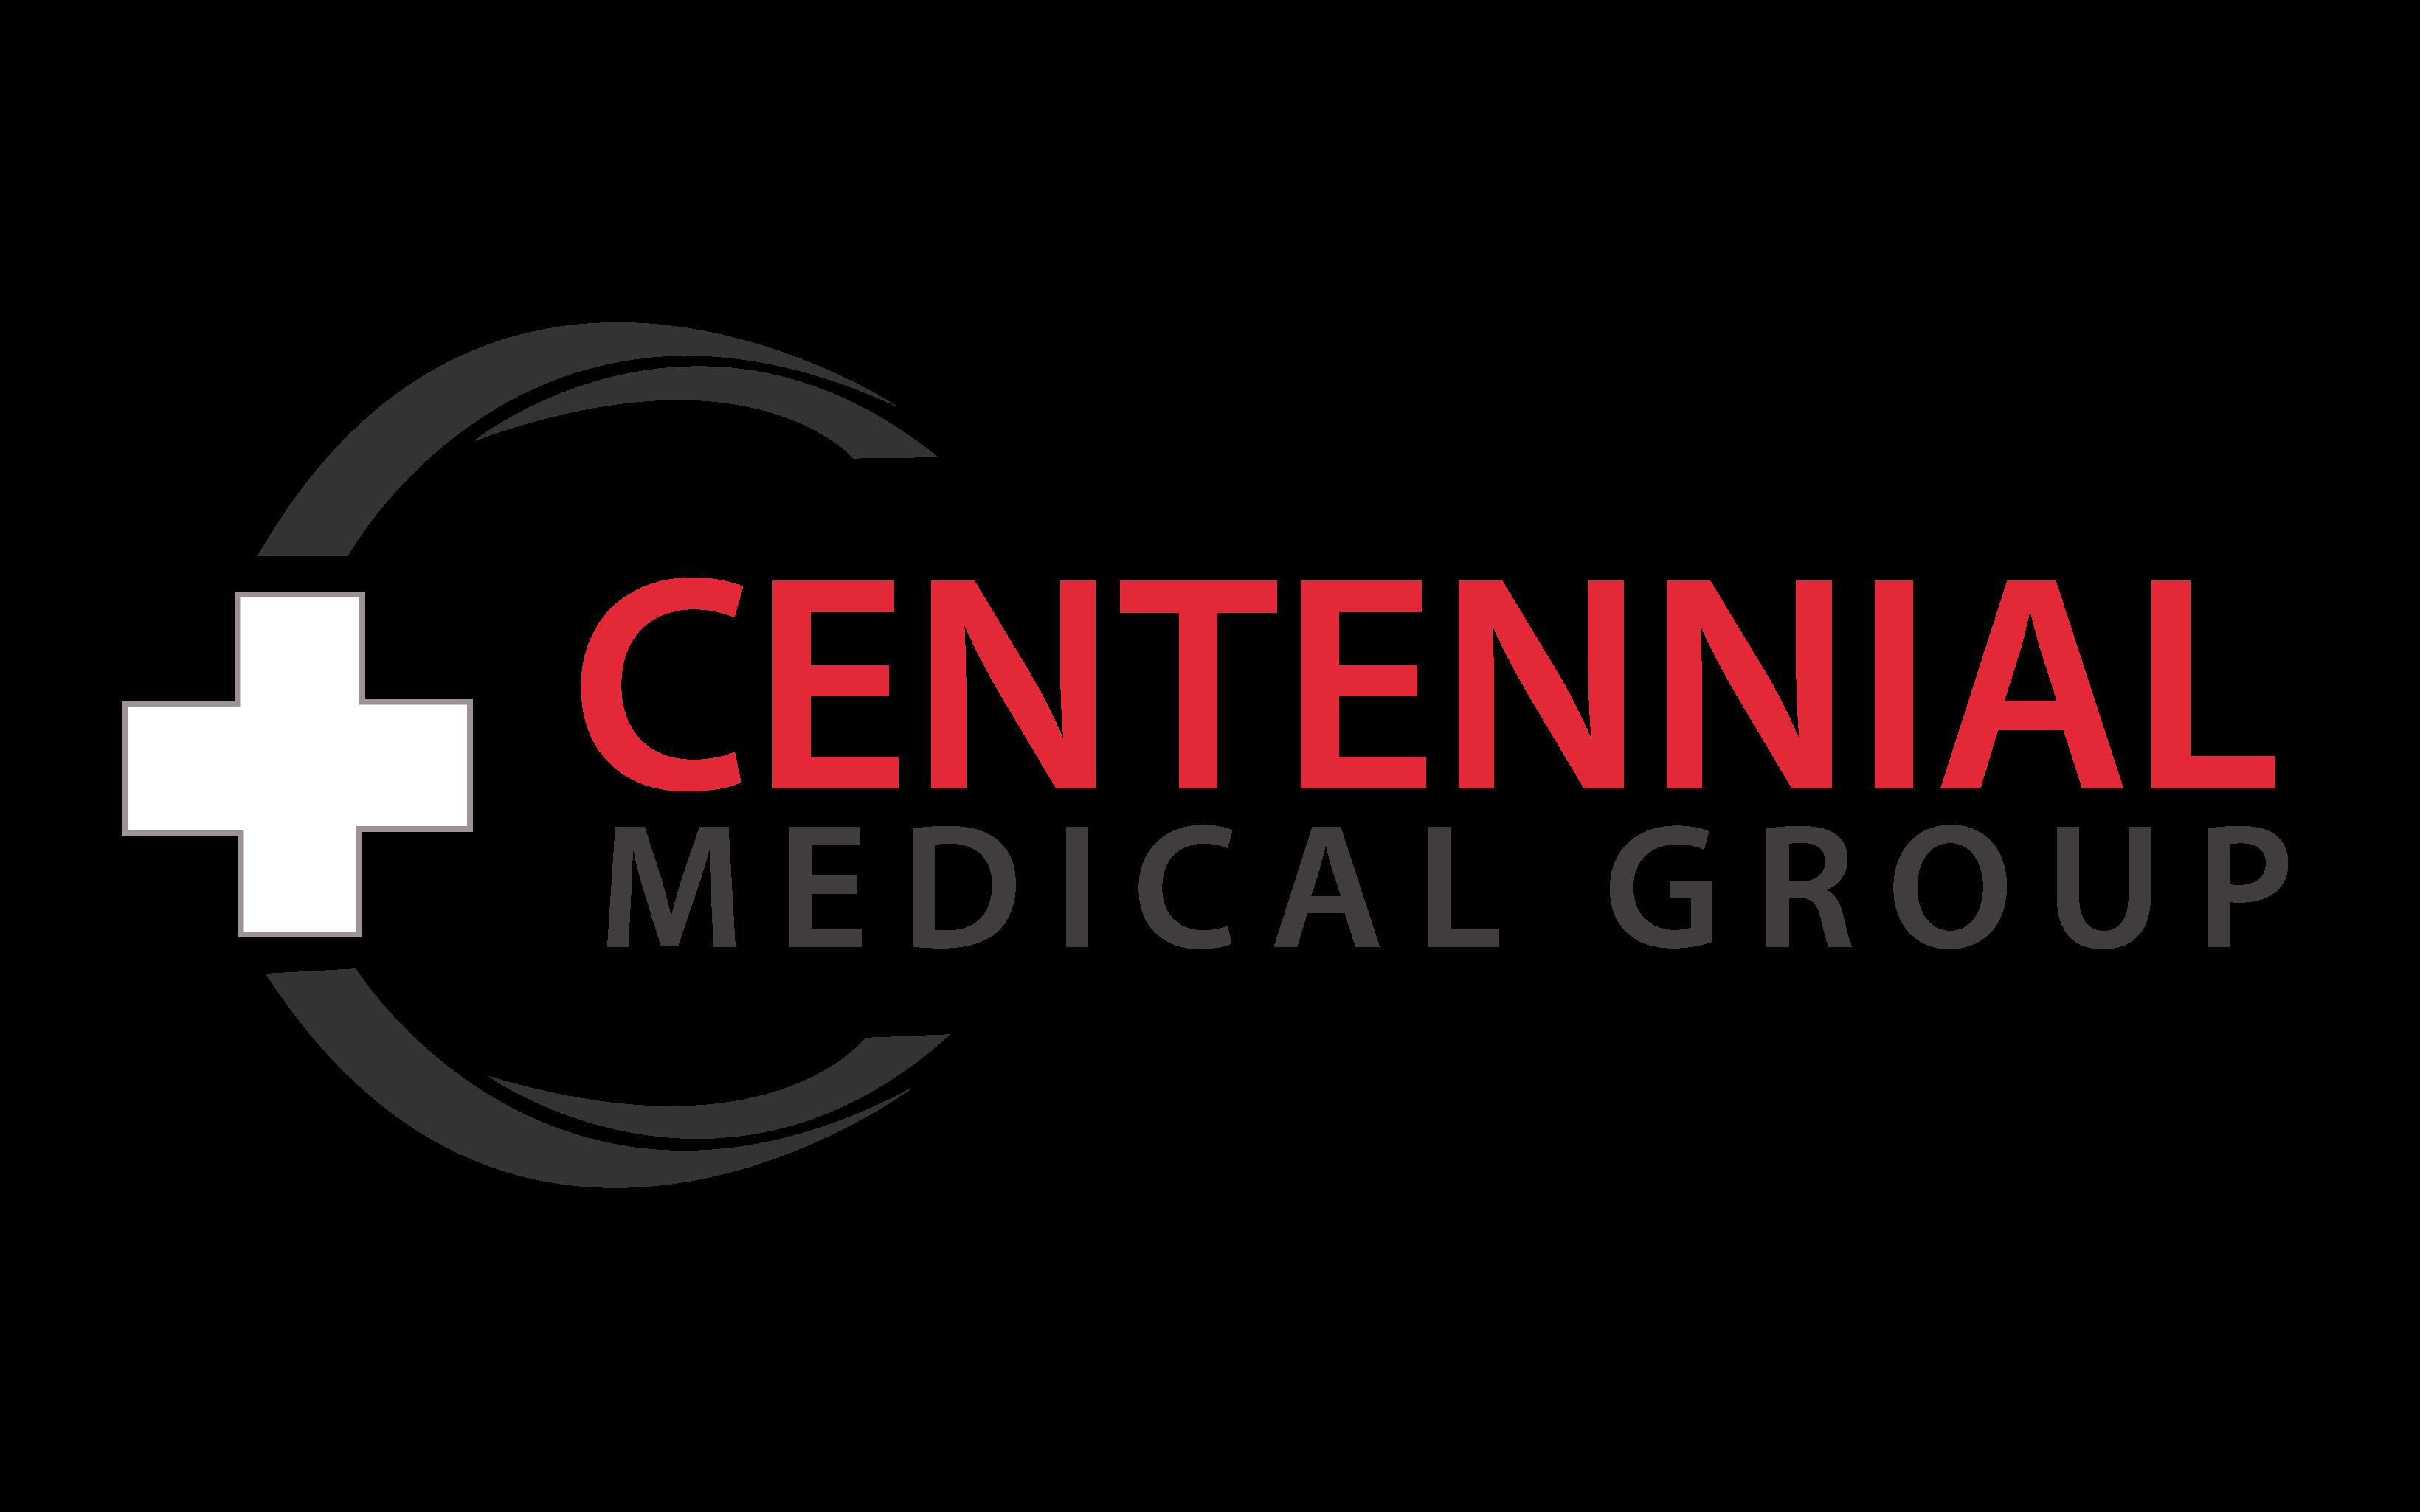 Centennial Medical